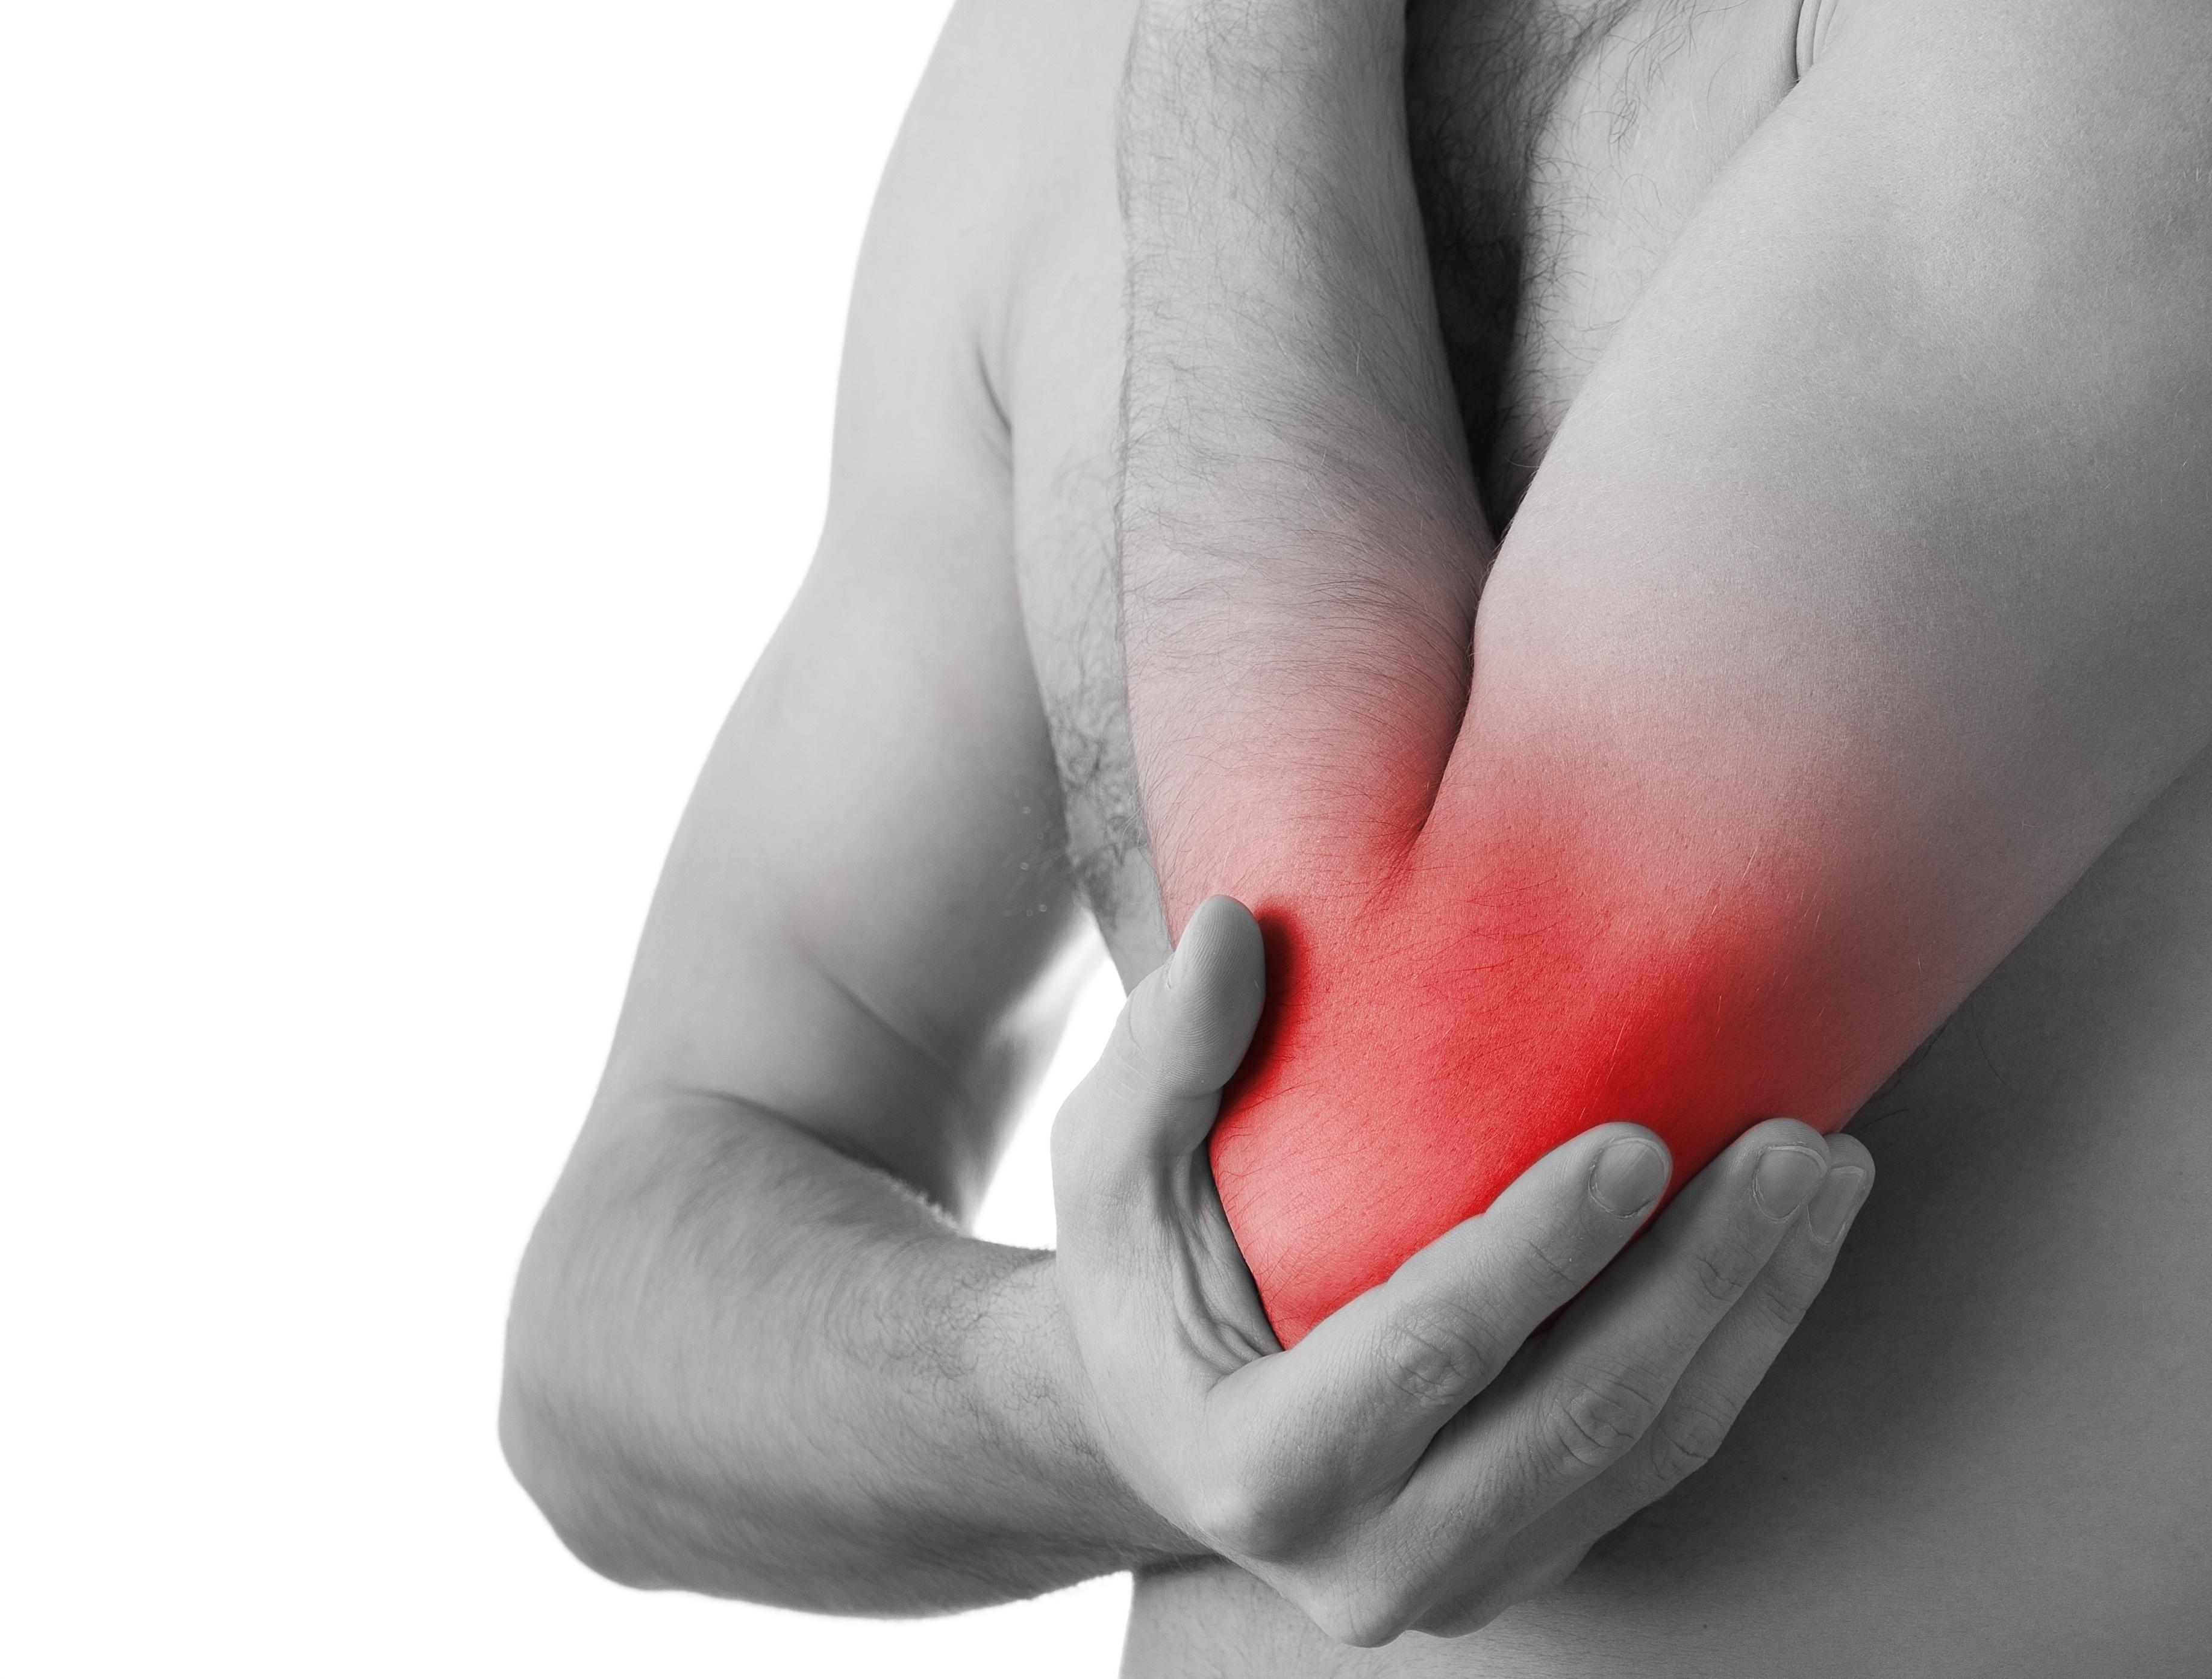 ízületi fájdalom és fájdalom, mint a kezelés